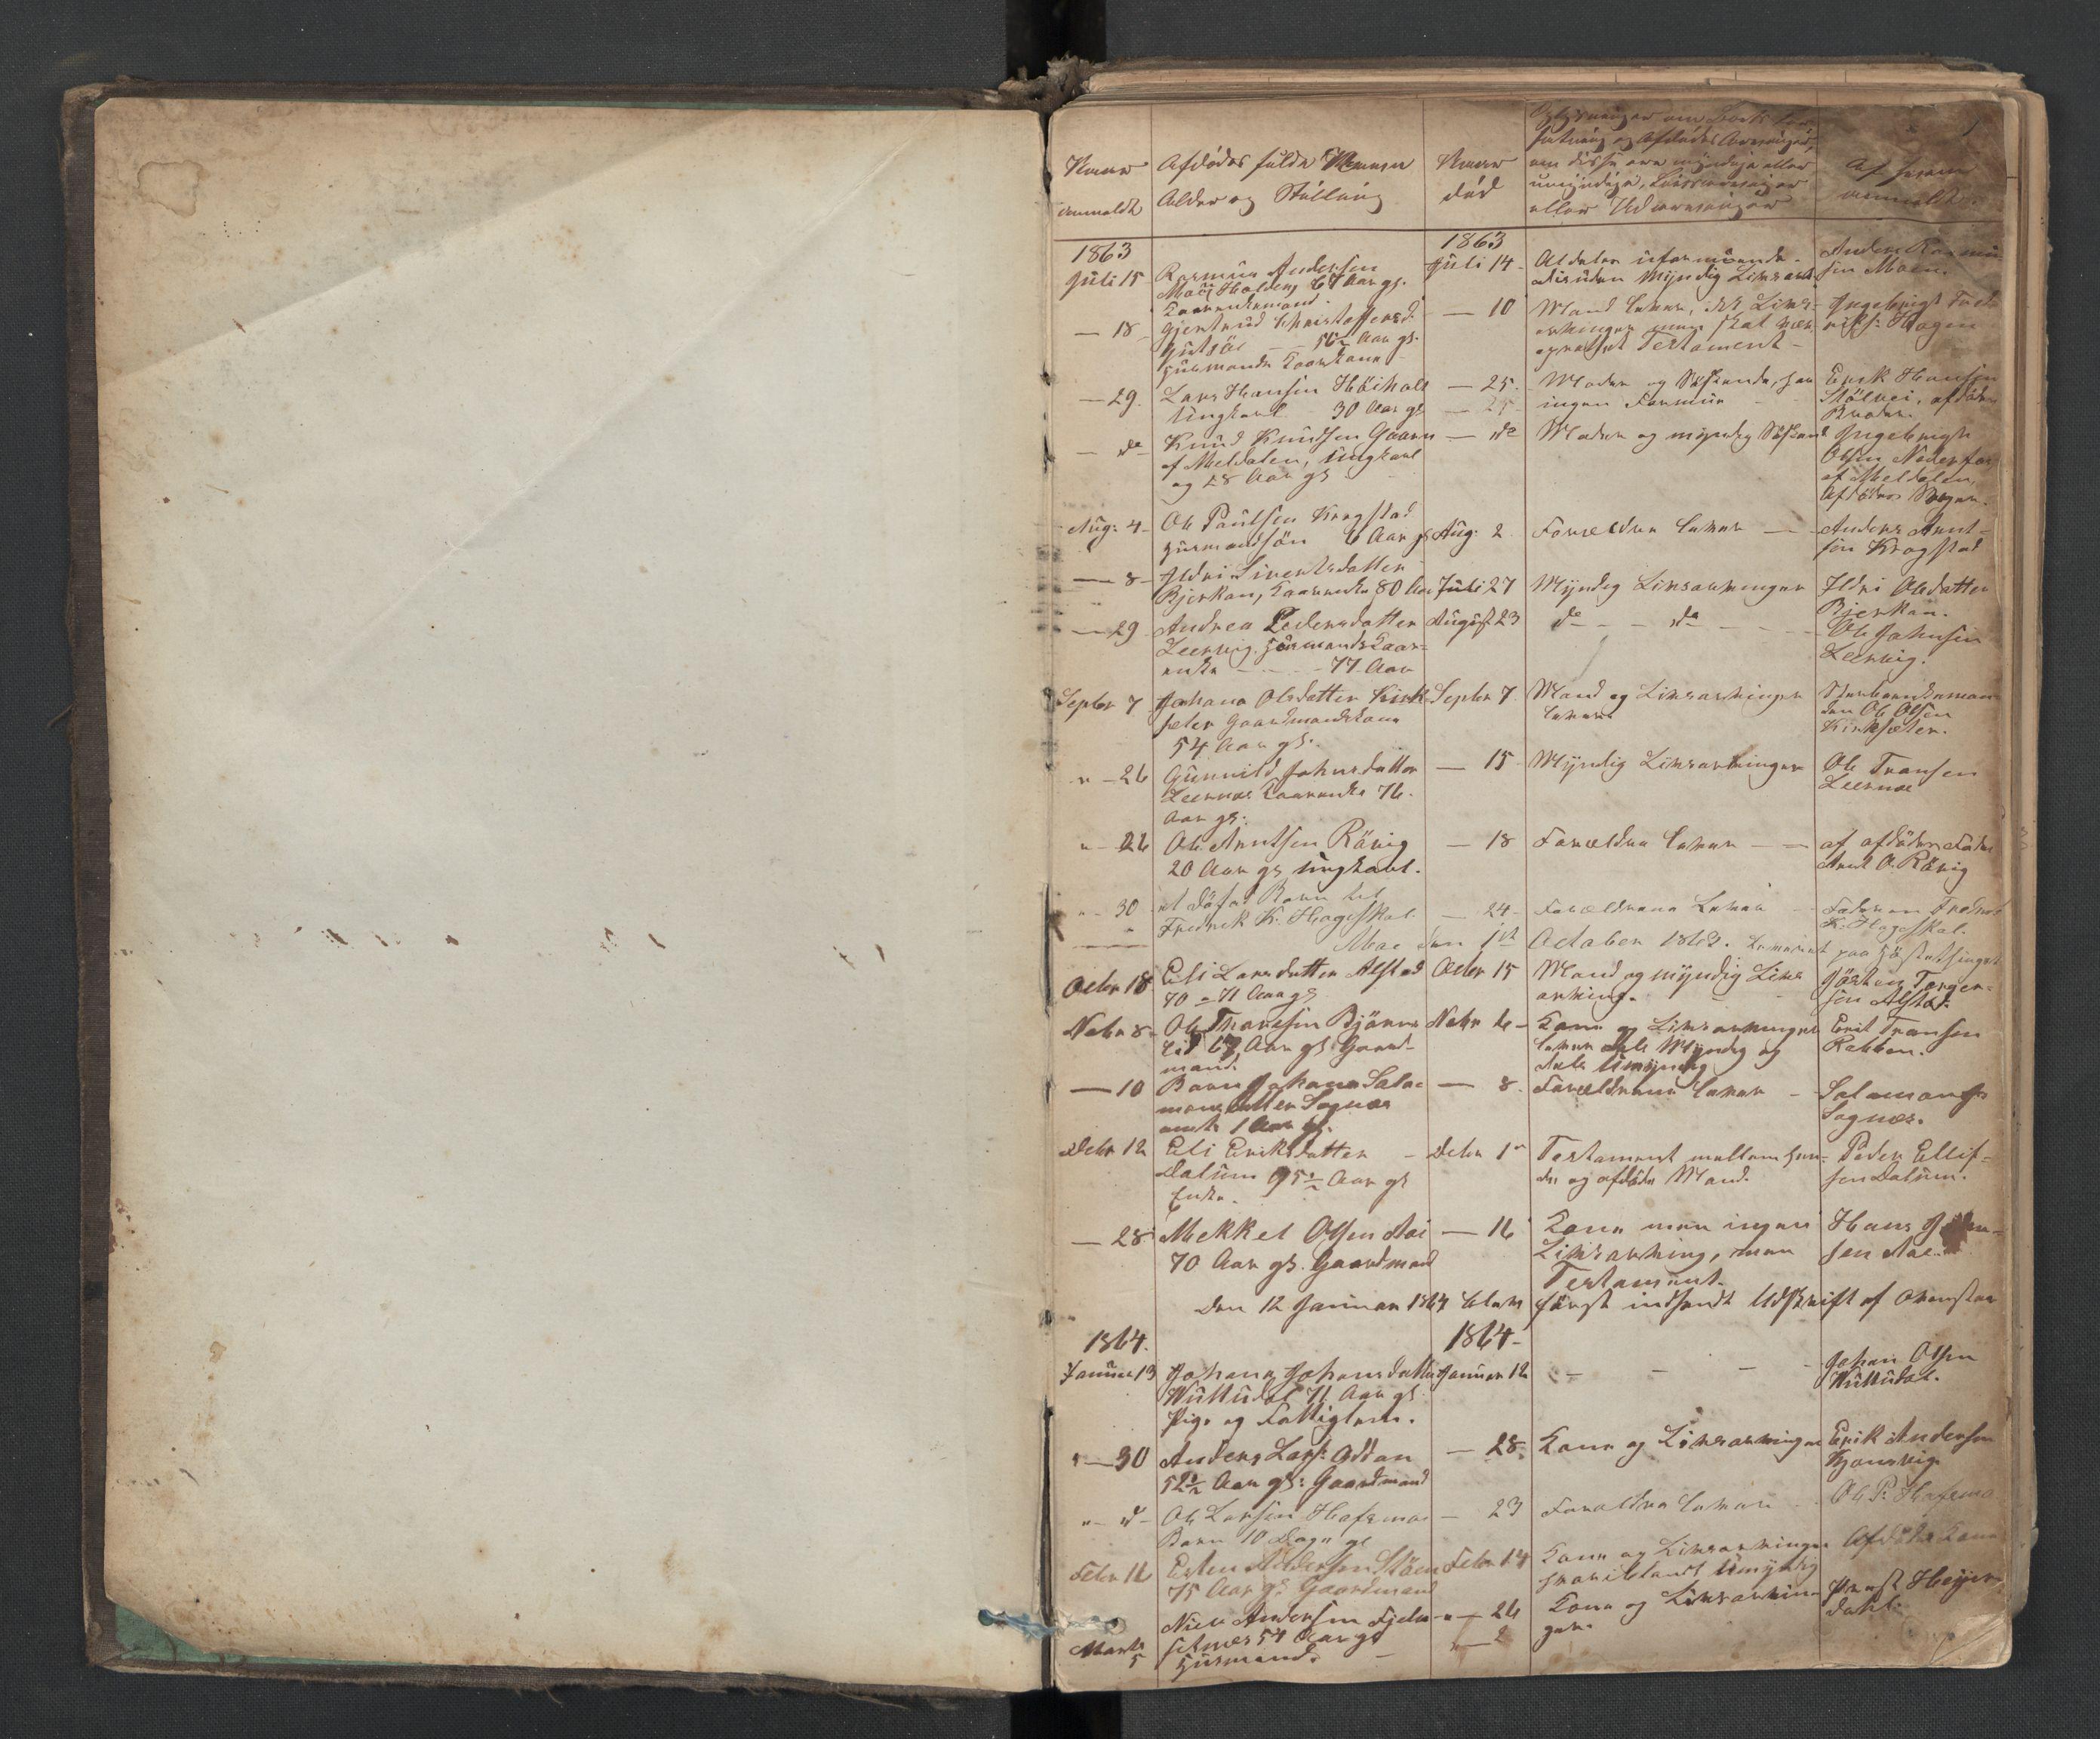 SAT, Hemne og Snillfjord lensmannskontor, 02/L0001: 2.01.01 Dødsfallsanmeldelsesprotokoll, 1863-1917, s. 1